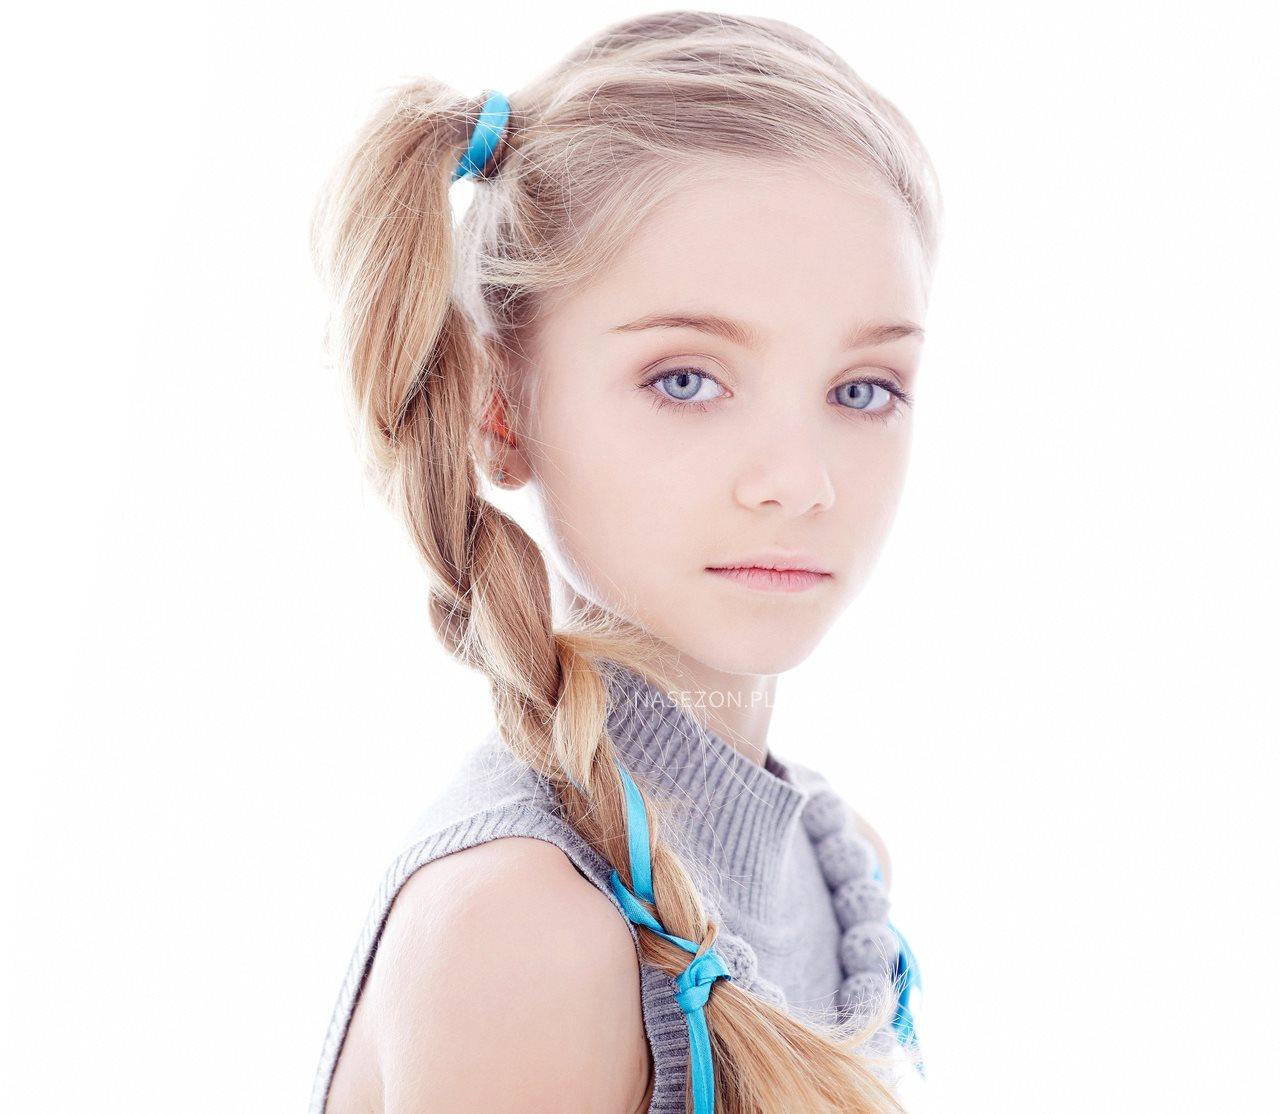 Fryzura Dla Dziewczynki Uczesanie Dla Dziecka Galeria 23